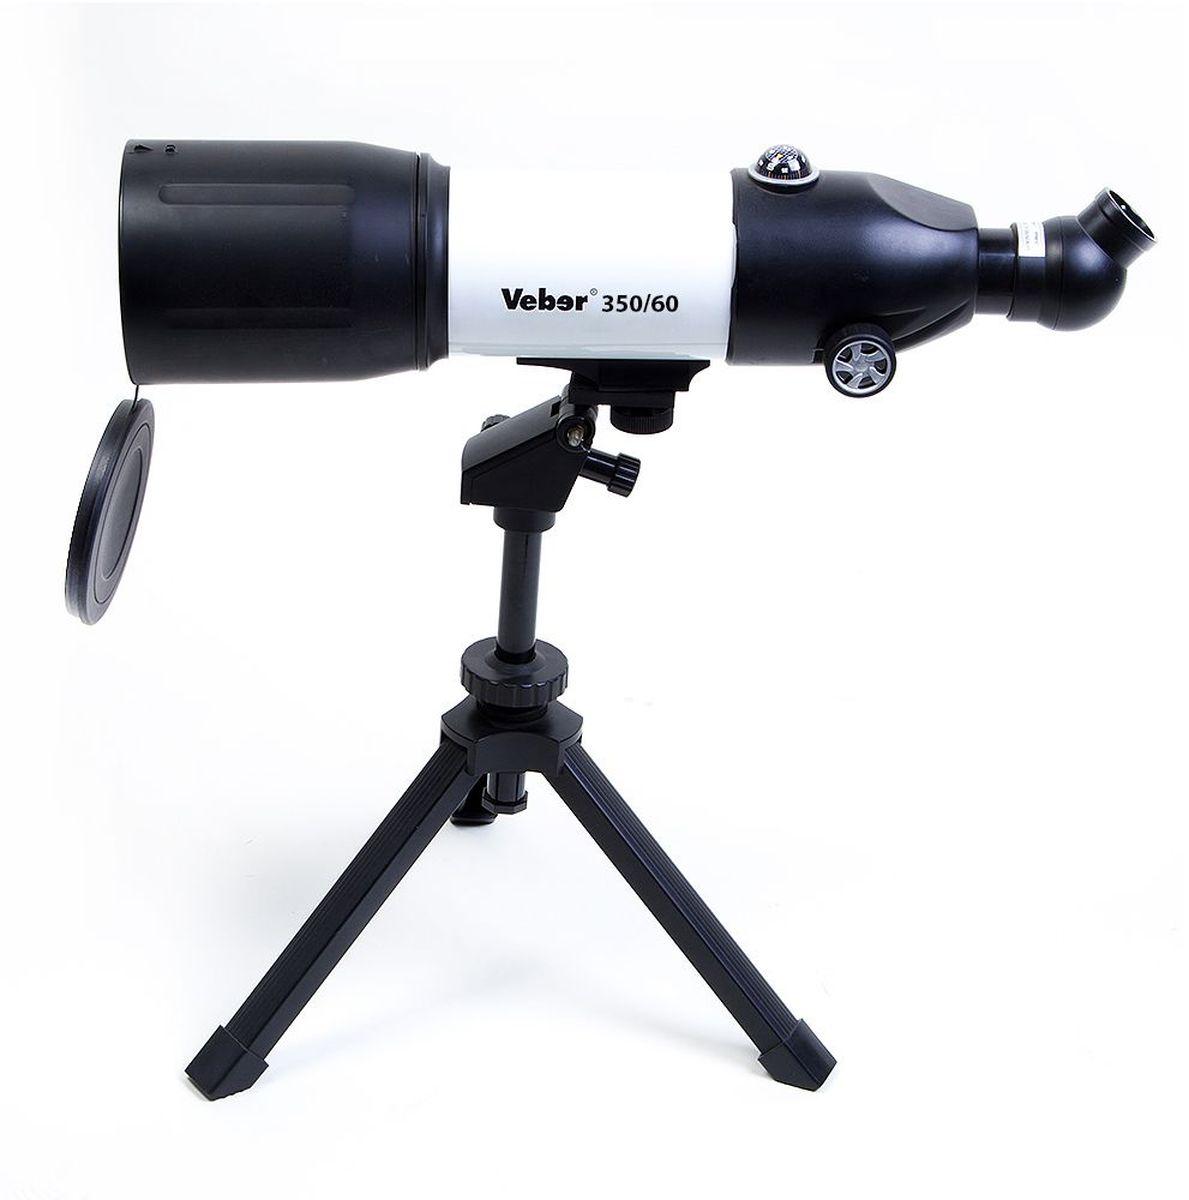 Veber 21181 телескоп21181Ахроматический рефрактор (линзовый), диаметр объектива - 60 мм, фокусное расстояние - 350 мм, настольная азимутальная монтировка. ОПИСАНИЕ Компактный телескоп-рефрактор. Удобен как для домашних астрономических (и не только) наблюдений, так и для вылазок на природу. Его длина всего 45 см, он легкий и компактный. При этом телескоп вовсе не детская игрушка! Его ахроматическая оптика дает хорошее, четкое, резкое изображение без окрашенности по краям поля зрения. С набором окуляров, входящих в комплект, можно получить увеличение от 17,5х (ближняя точка фокусировки ок.5 м) до 116,4х. Диаметр объектива — 70 мм. Об окулярной части следует сказать особо: она расположена под углом 45° к оси прибора, и может поворачиваться вокруг своей оси на 360° (8 фикс.положений). Все это делает очень комфортным наблюдение — как из положения сидя, так и из положения стоя. При этом изображение не зеркальное, где «лево» и «право» поменялись местами, а прямое! (в конструкции используется...